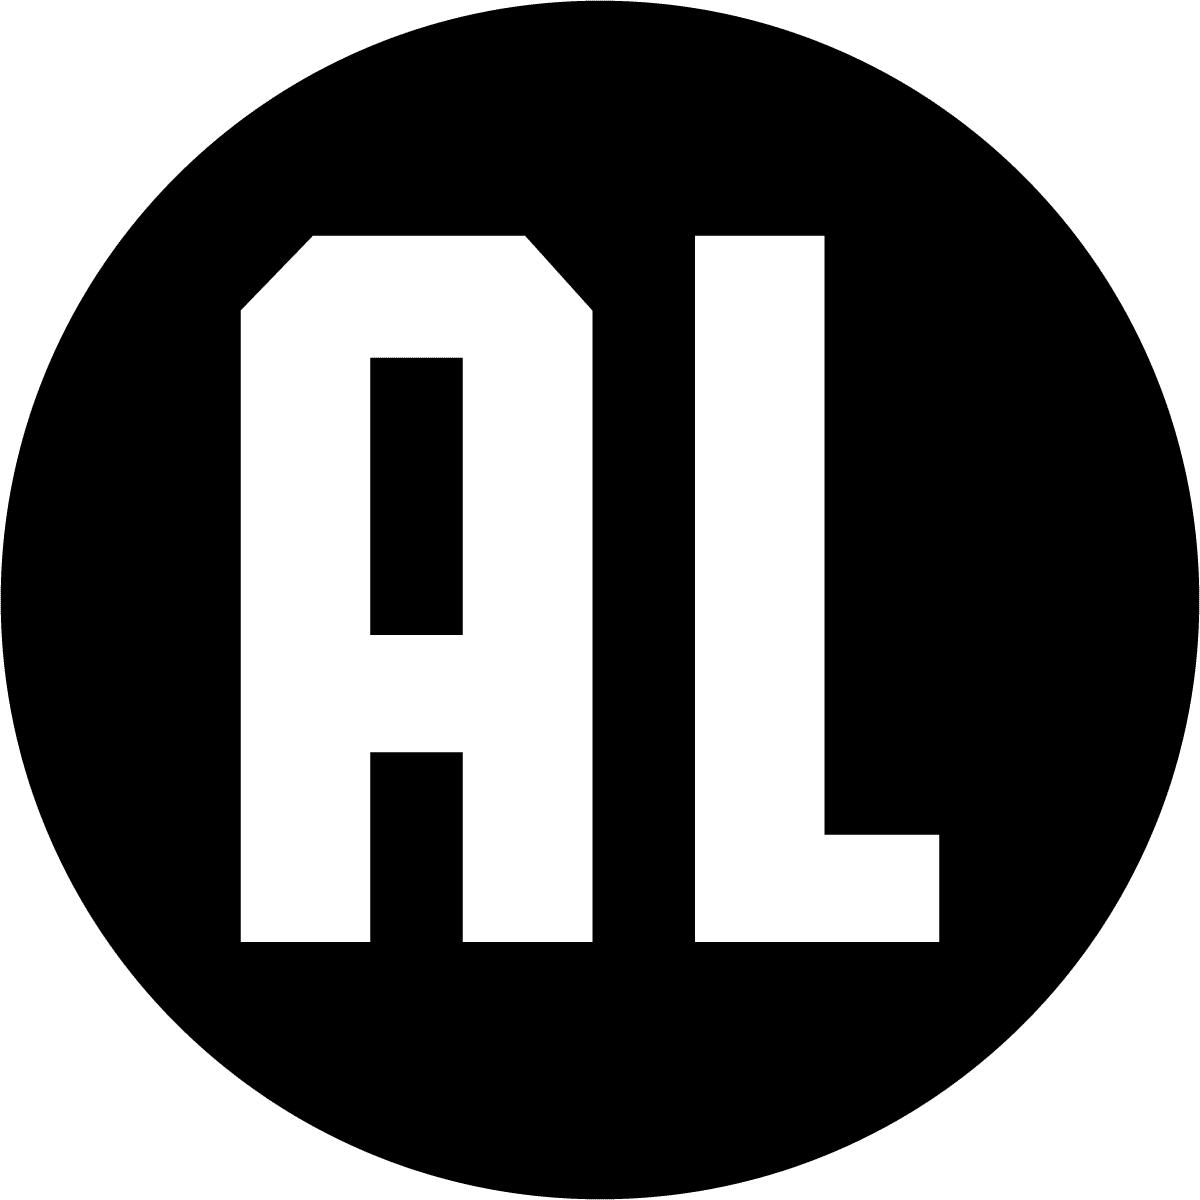 kijkwijzer-AL